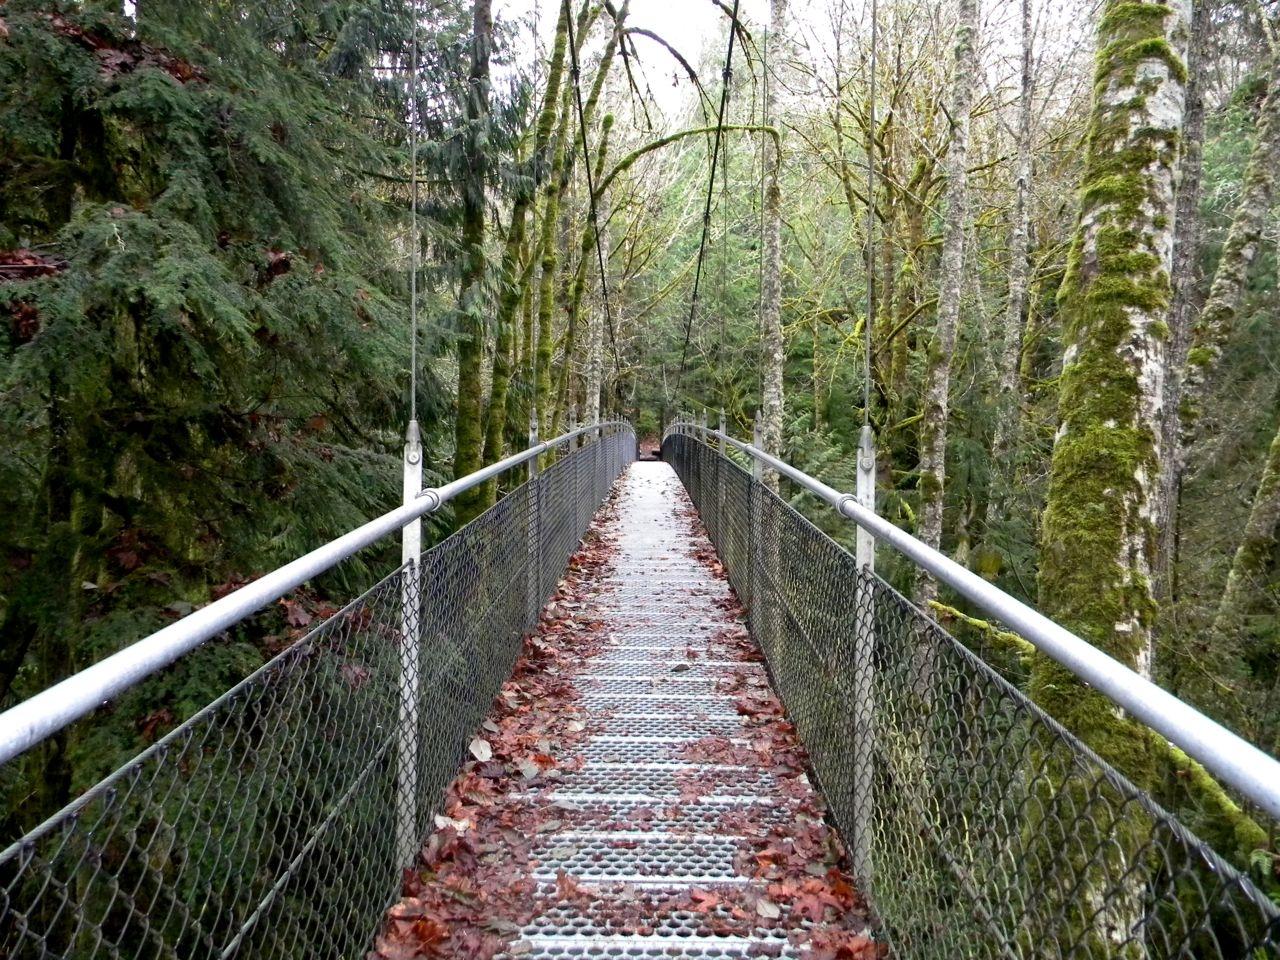 suspension bridge covered in leaves